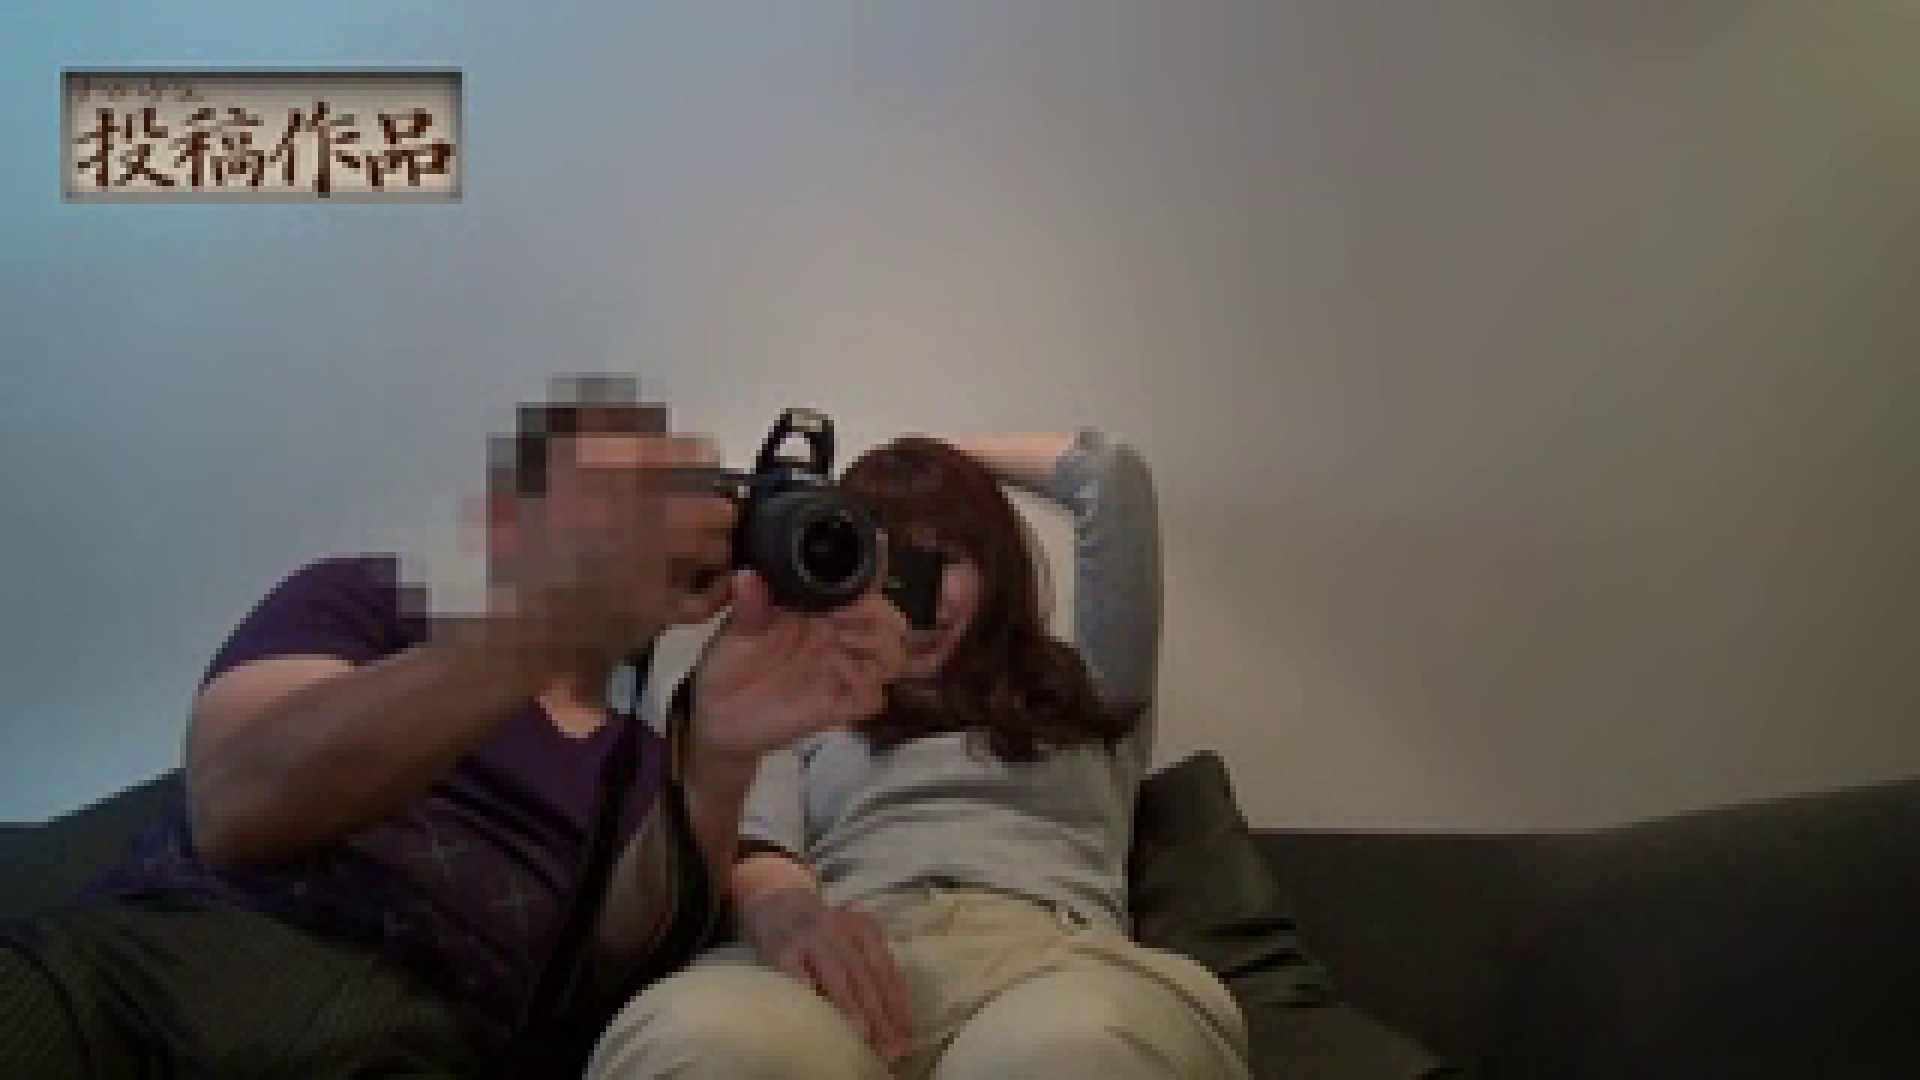 ナマハゲさんのまんこコレクション第3弾 sachiko おっぱい われめAV動画紹介 92PIX 19